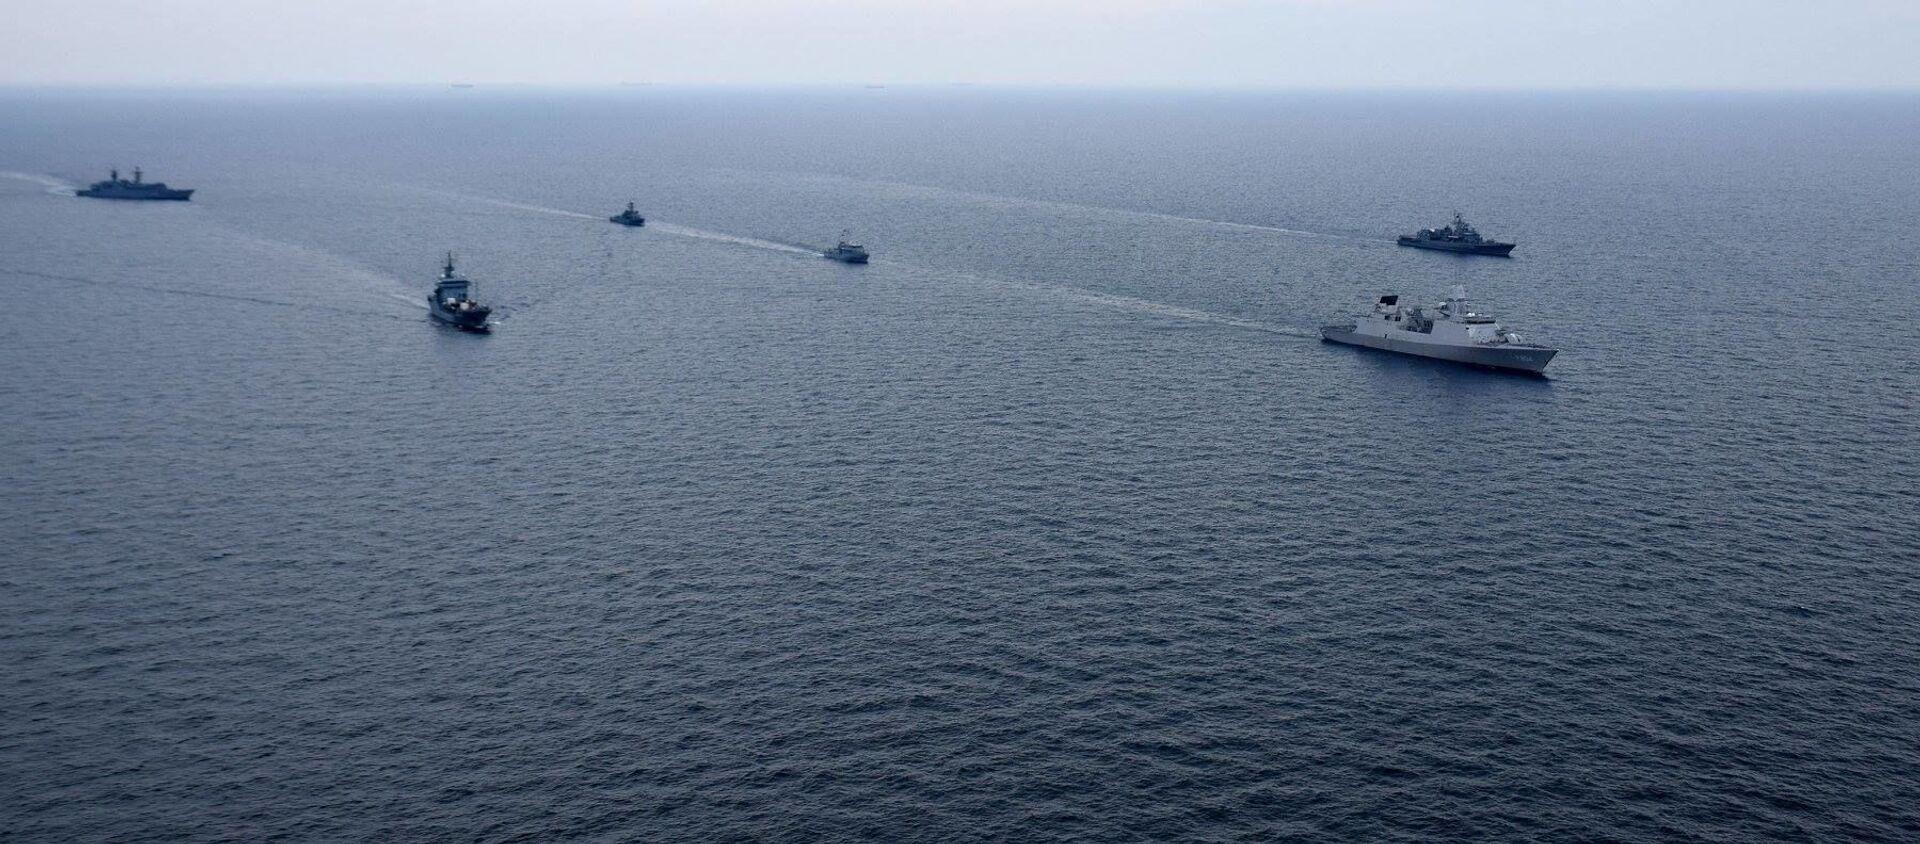 Cuộc tập luyện chung của Hải quân Ukraina và tàu chiến NATO ở Biển Đen - Sputnik Việt Nam, 1920, 14.04.2021